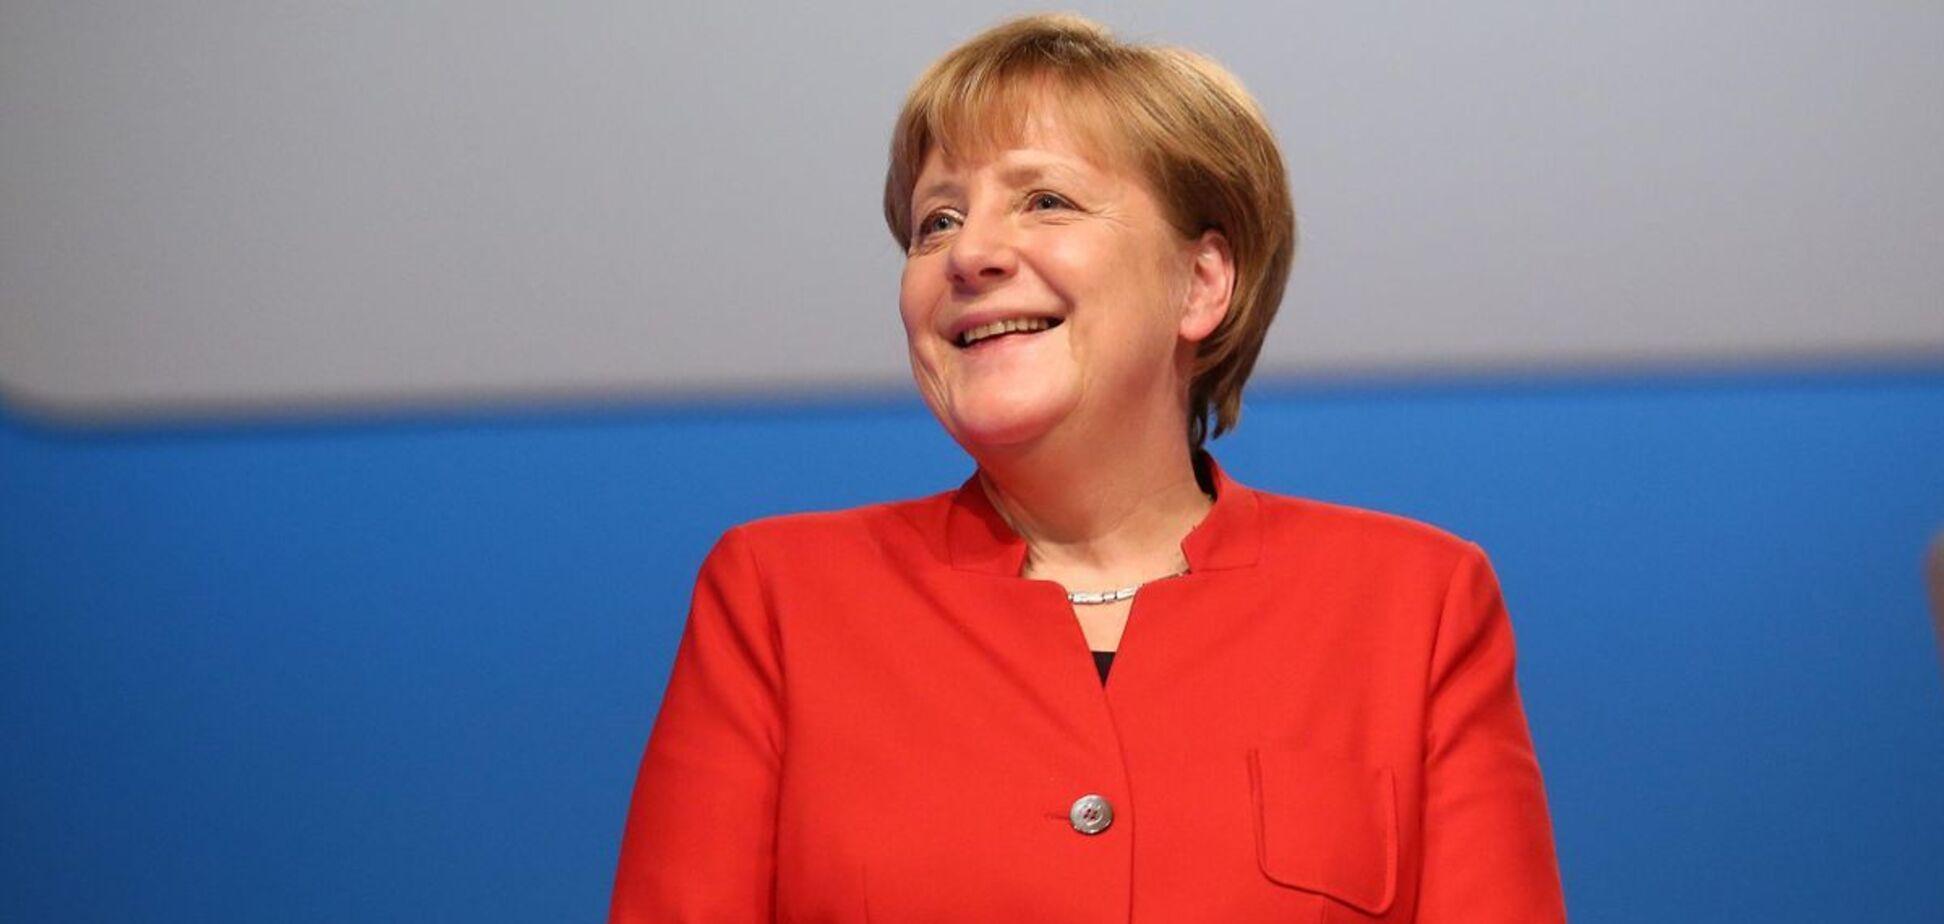 Ангела Меркель - фото